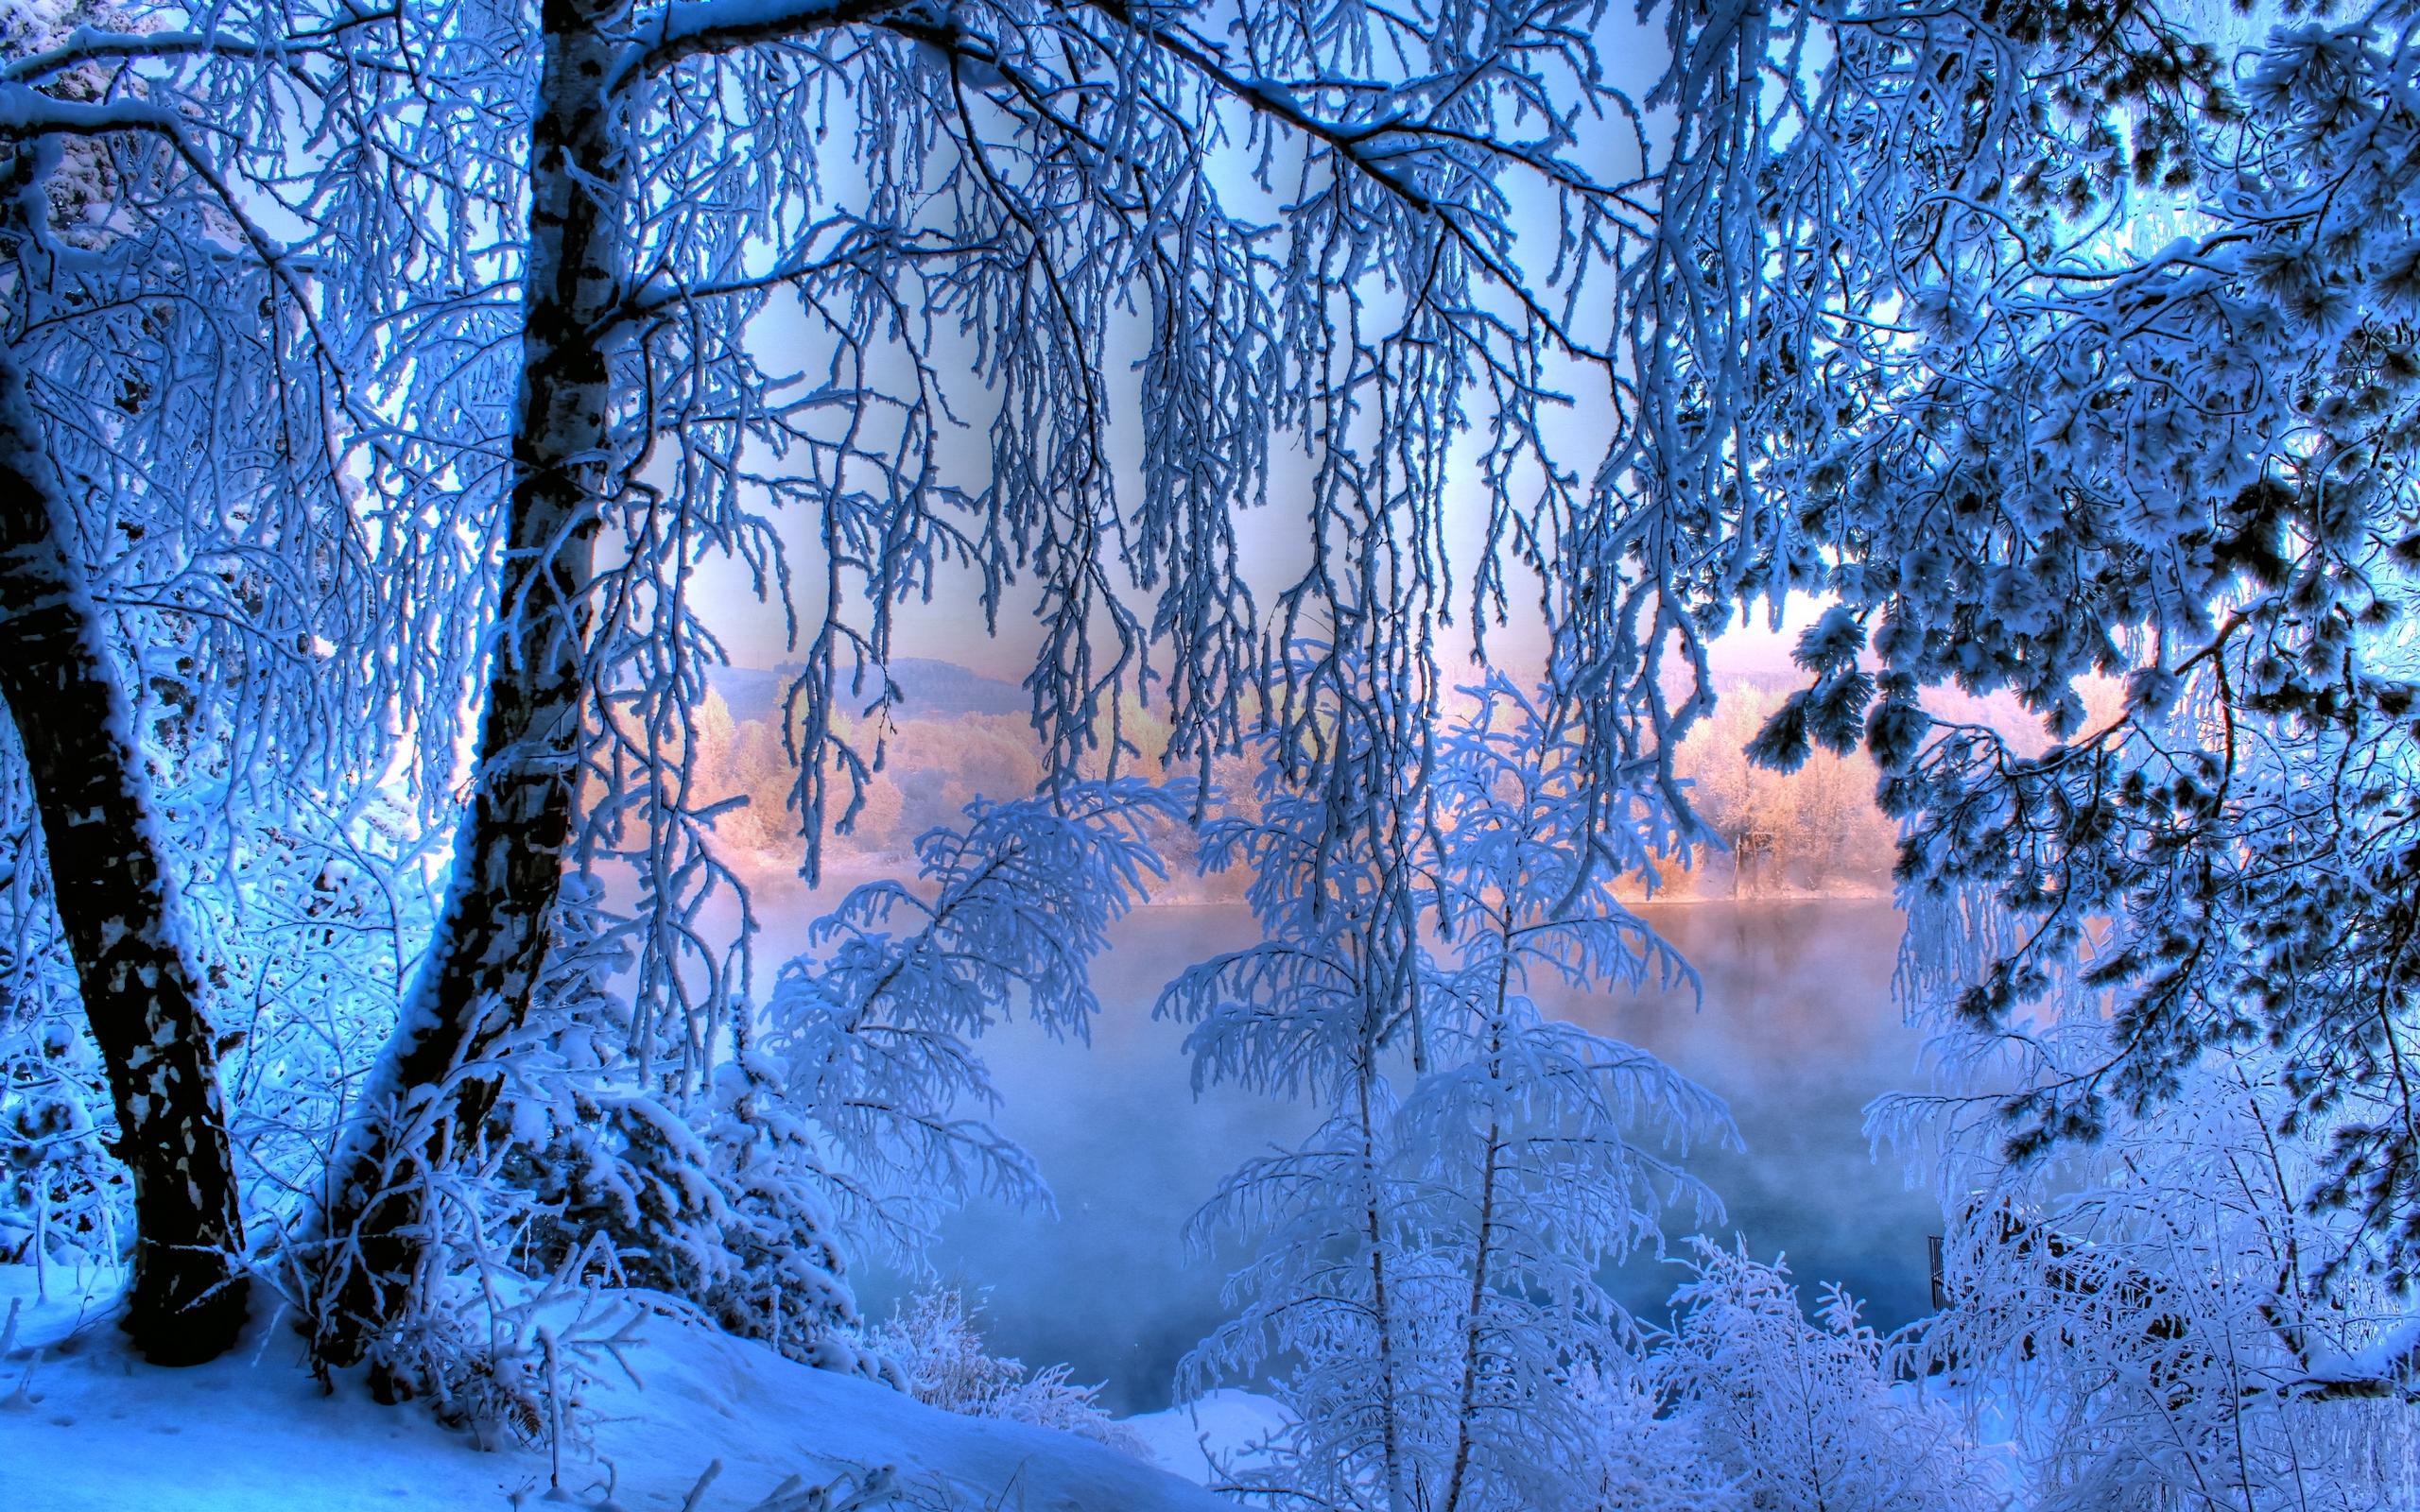 Hintergrund Winter Hd